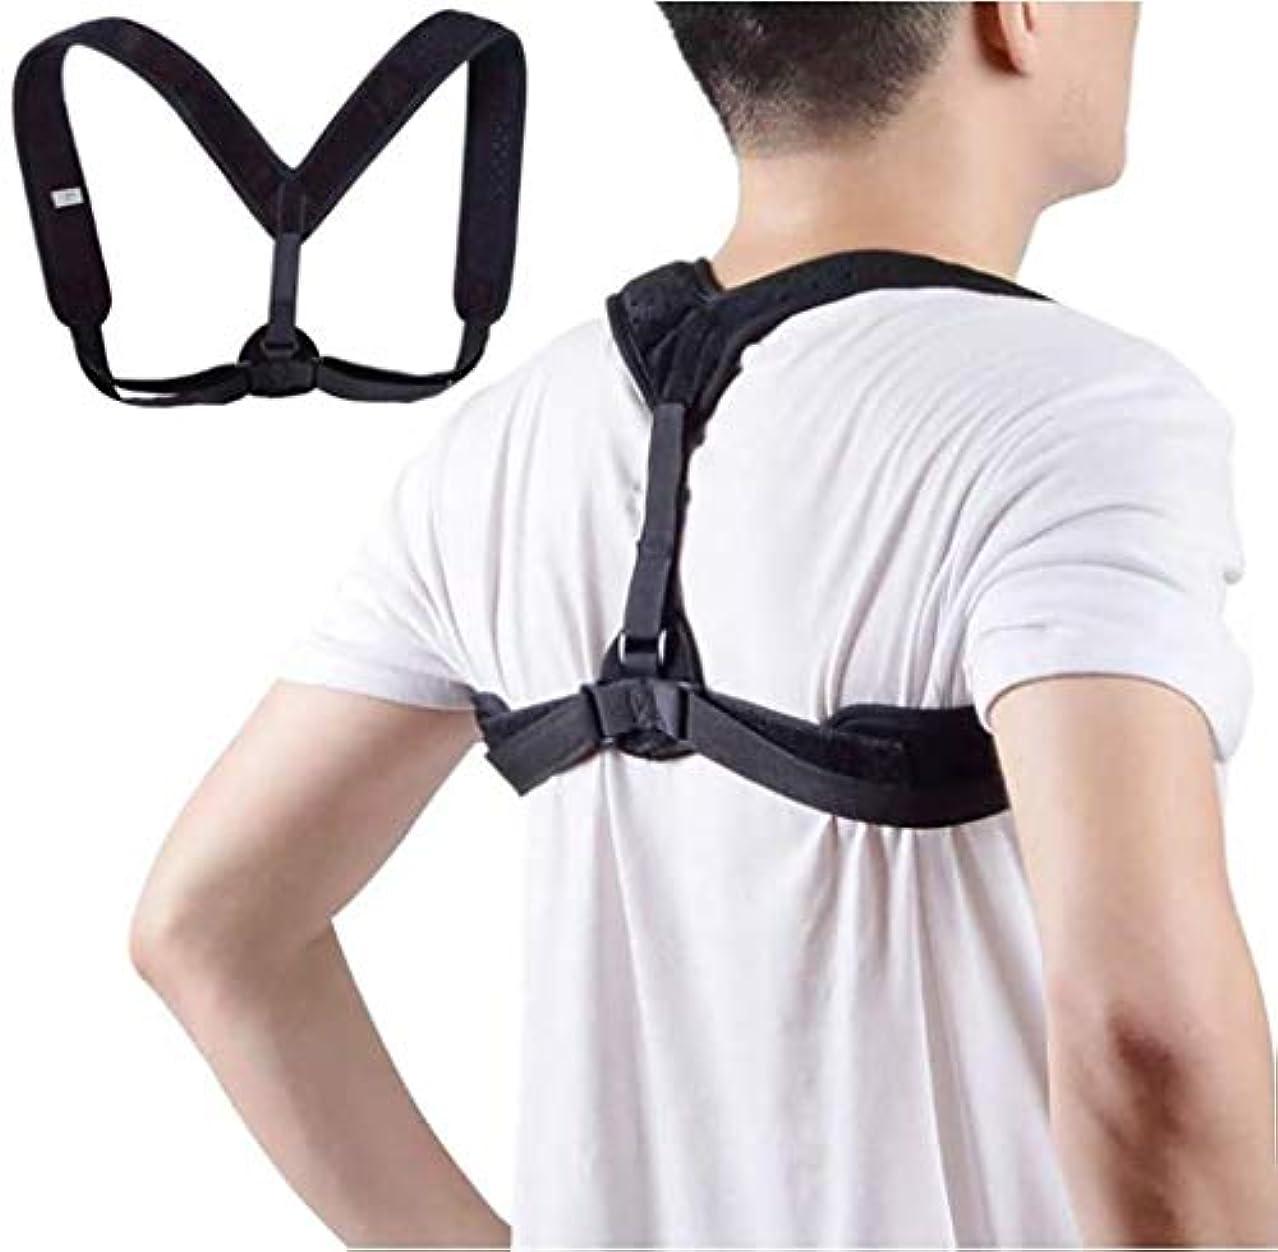 パラシュート規制する瞑想する背中のサポート、正しい姿勢、悪い姿勢の改善、気質の改善、痛みの緩和、ハンチバックの防止、休息/仕事/スポーツに適しています (Size : L)